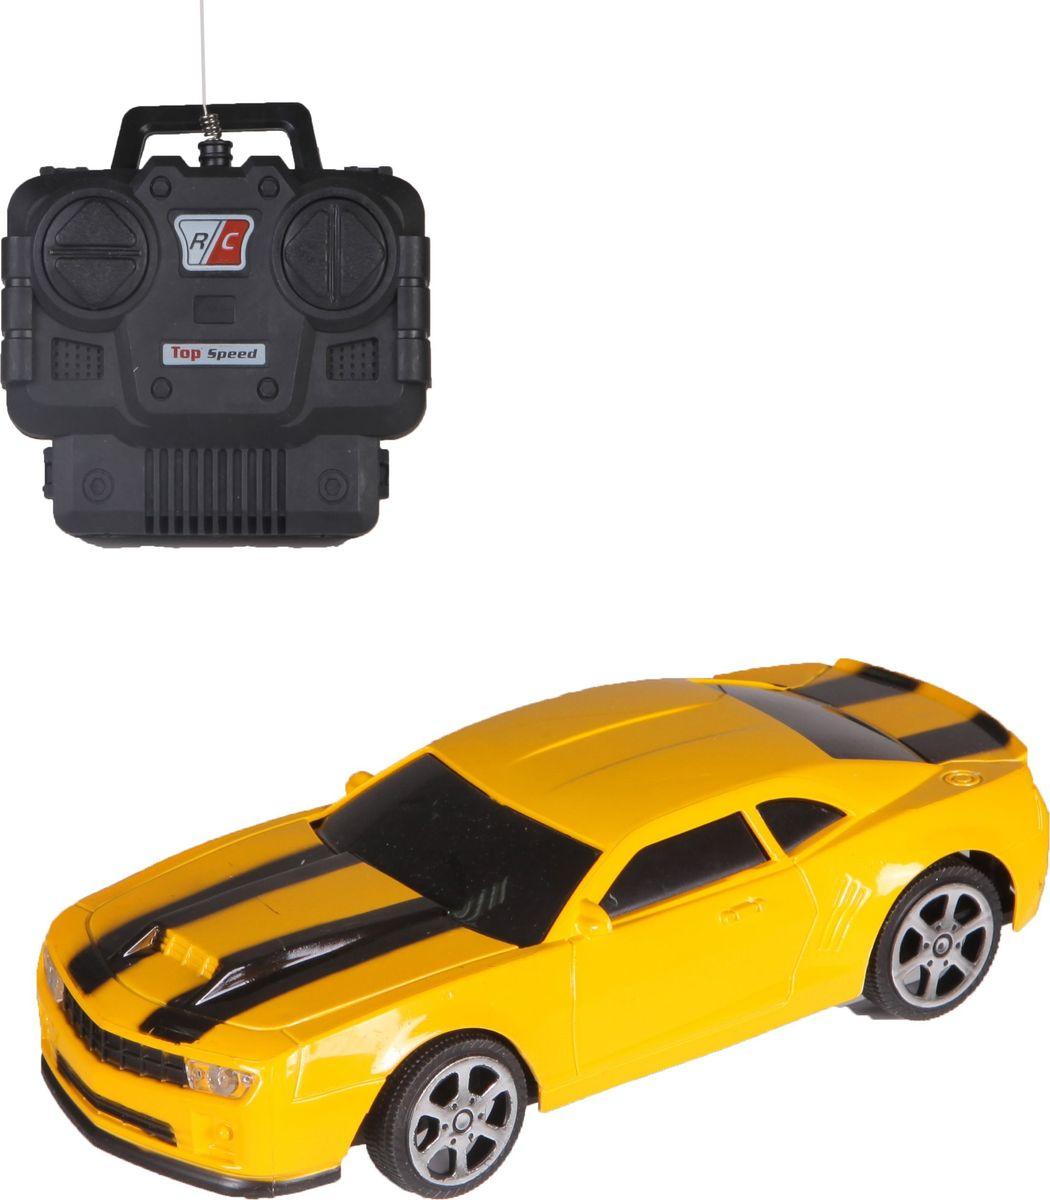 Машина на радиоуправлении Yako обязательно понравиться вашему малышу!Машина на радиоуправлении Yako работает на частоте 27 MHz и имеет 2 канала связи. Машинка движется вперед - прямо, а движение назад - с поворотом.Такая машинка будет отличным подарком вашему мальчику на любой праздник!Машинка работает от 4 батареек 1,5V типа АА (не входят в комплект).Для работы пульта управления необходимо купить 2 батарейки напряжением 1,5V типа АА (не входят в комплект).